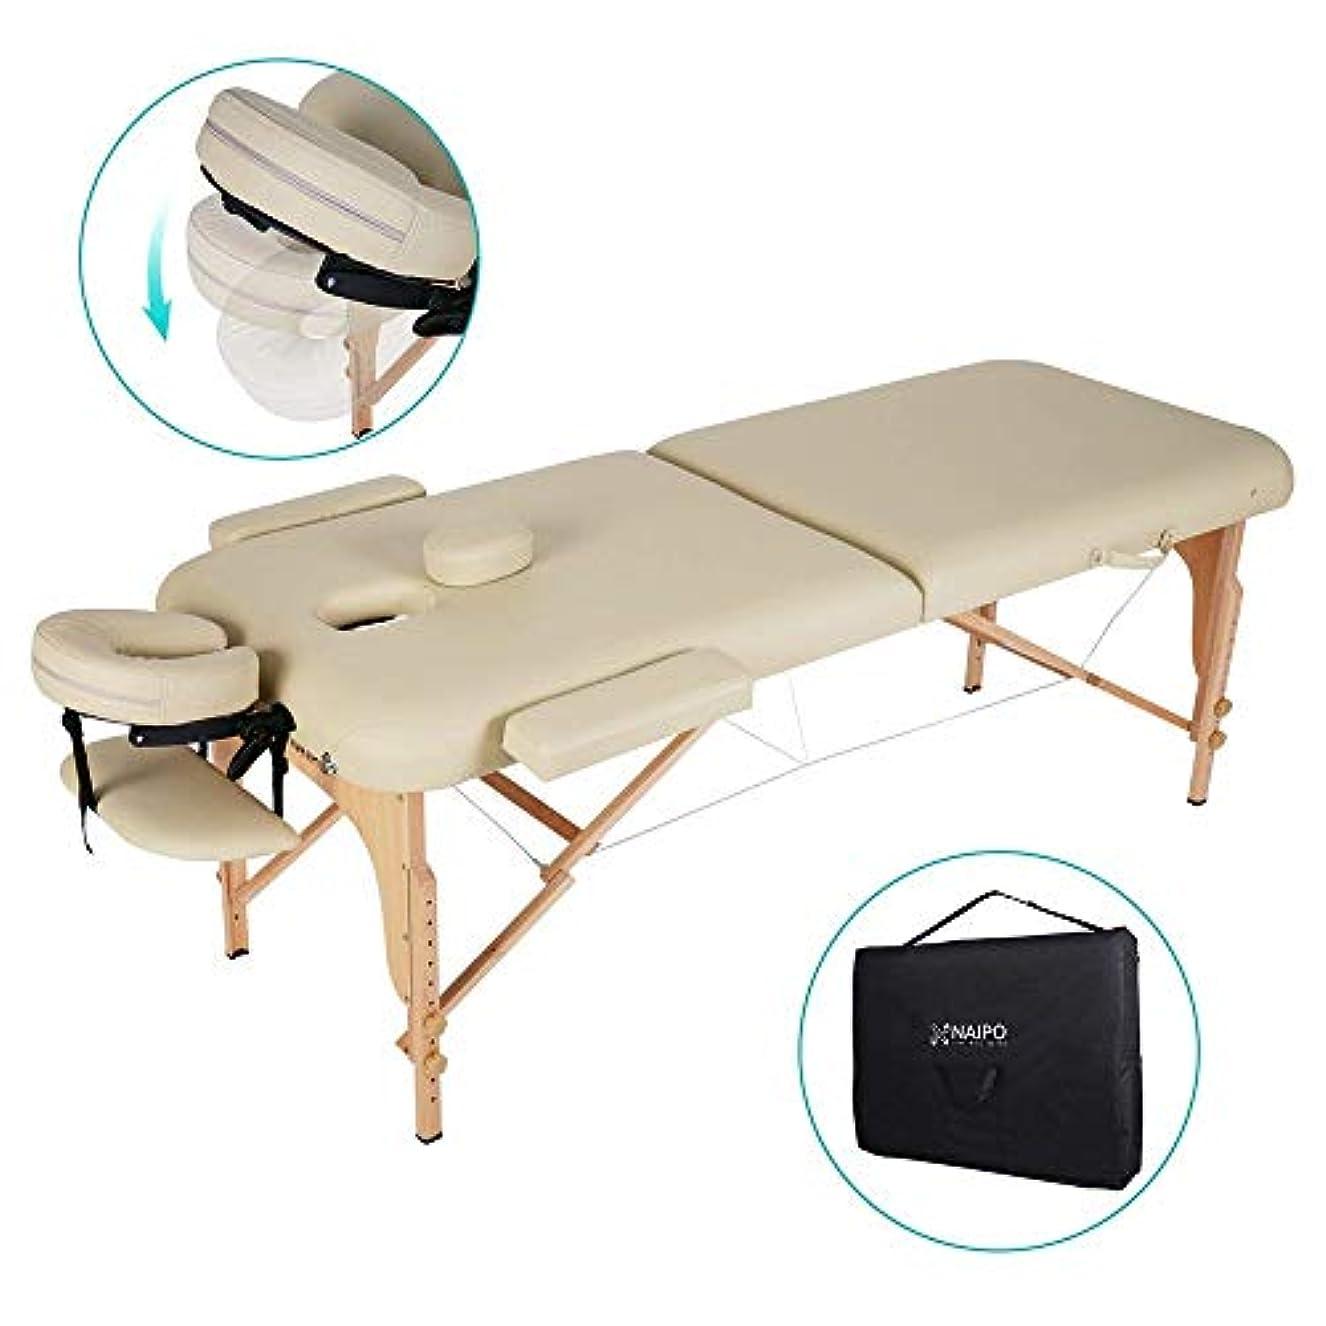 割り当て脚本バスバッグサロン家具木製で折り畳み式の折りたたみ美容ベッドプロフェッショナルポータブルスパマッサージテーブル,白